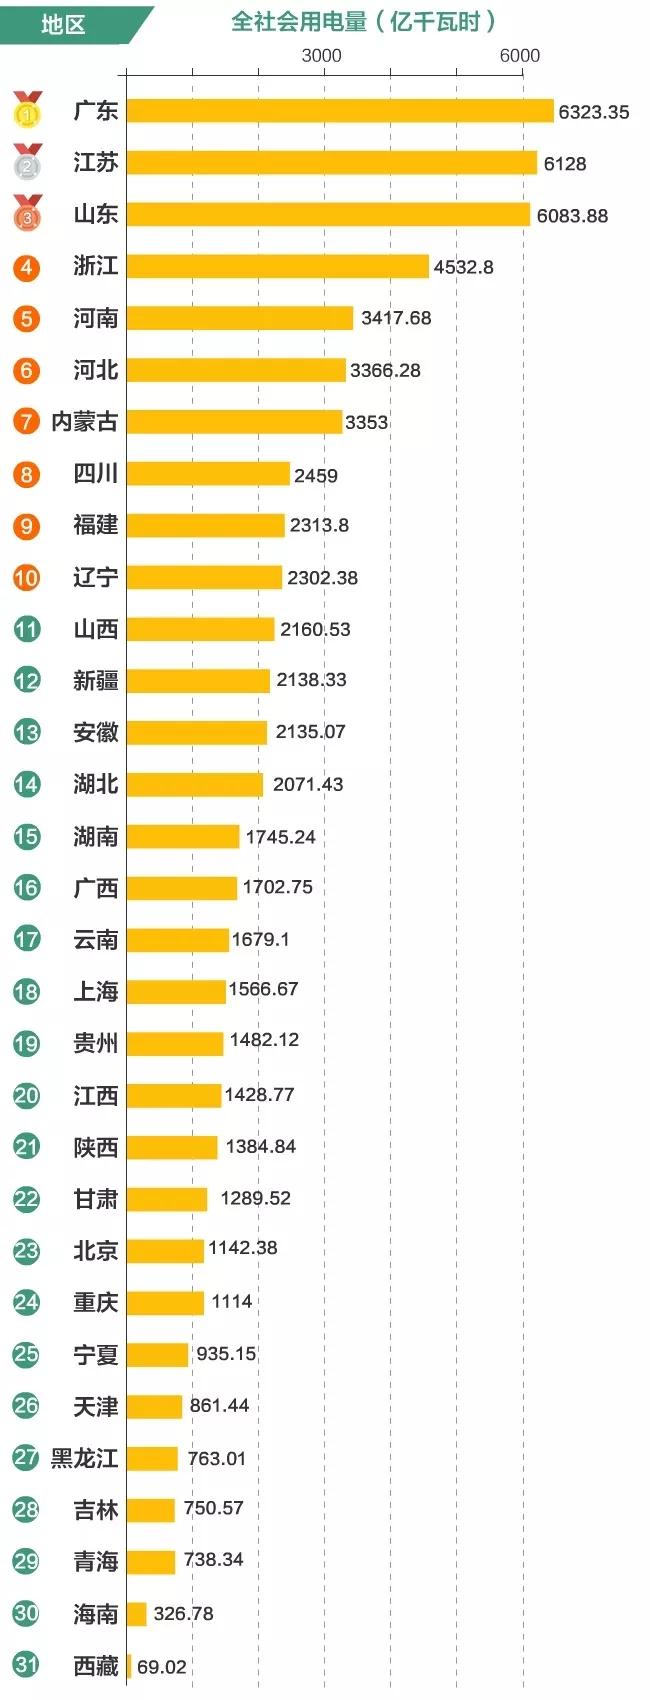 全国用电排名来了!快来看看你的家乡排在第几名